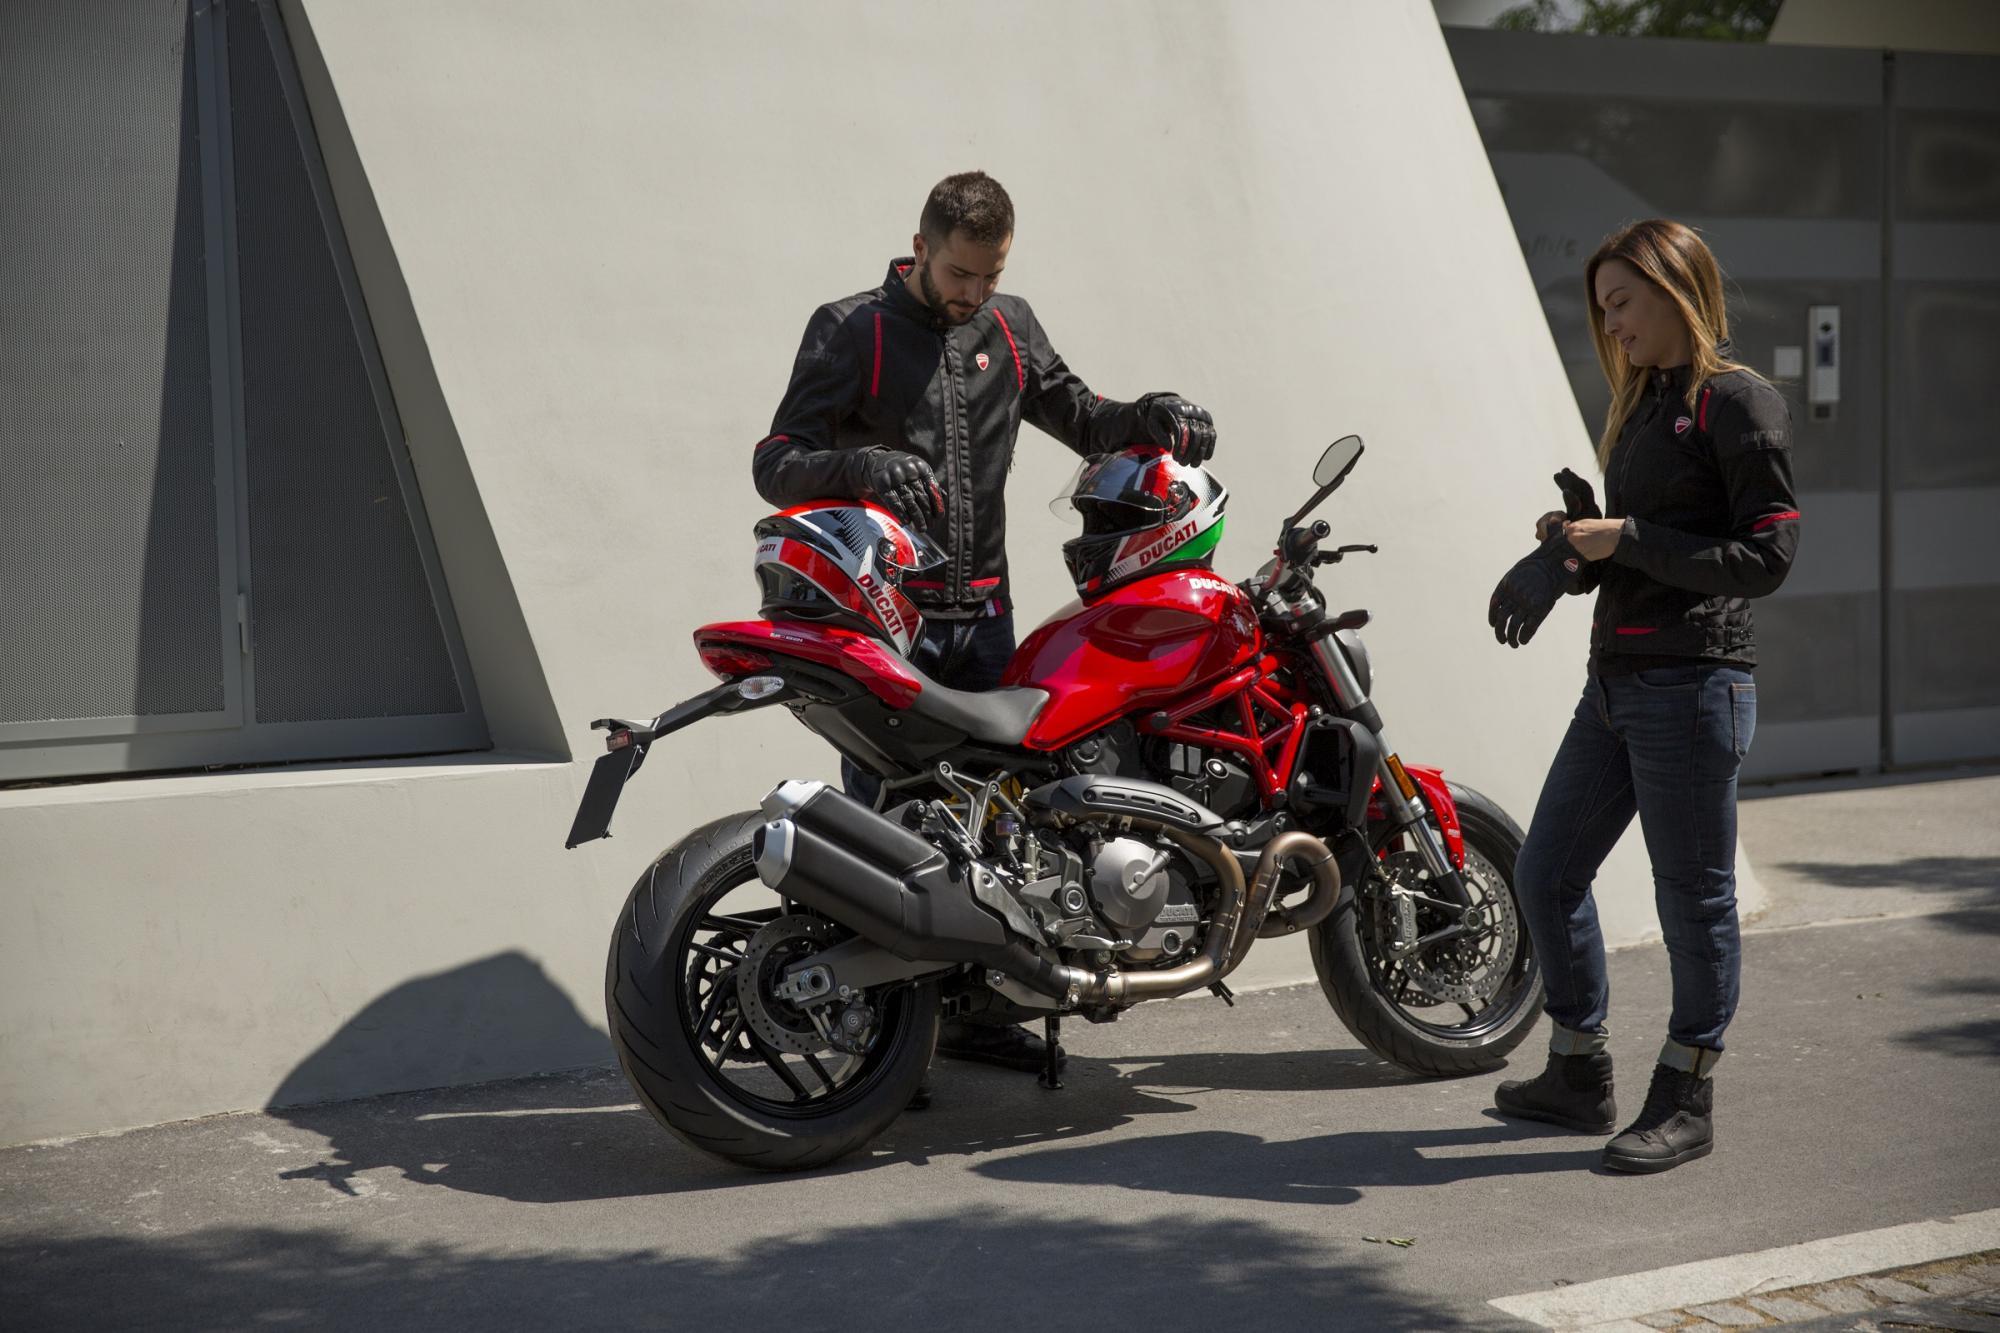 Είδη ρουχισμού ειδικά για το καλοκαίρι από τη Ducati